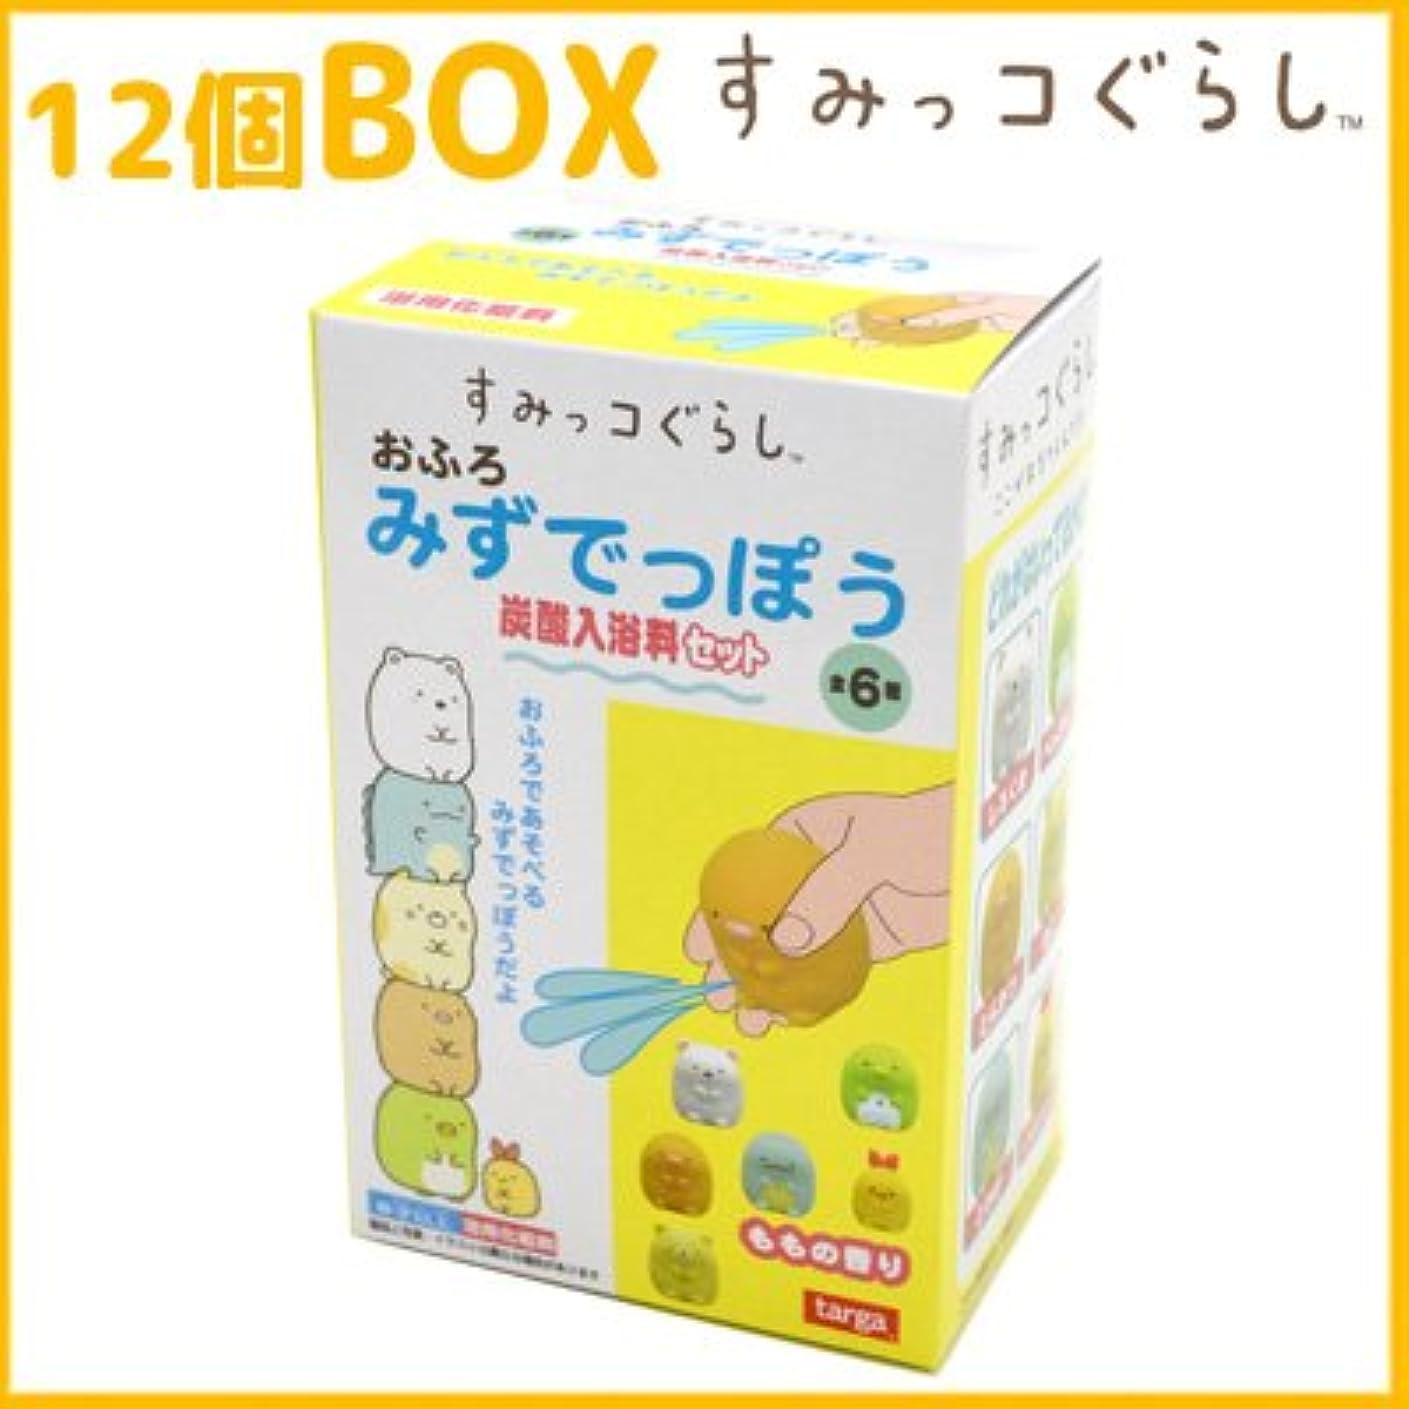 エッセイテメリティ原始的なすみっコぐらしおふろみずてっぽう炭酸入浴剤セット12個セットBOX販売